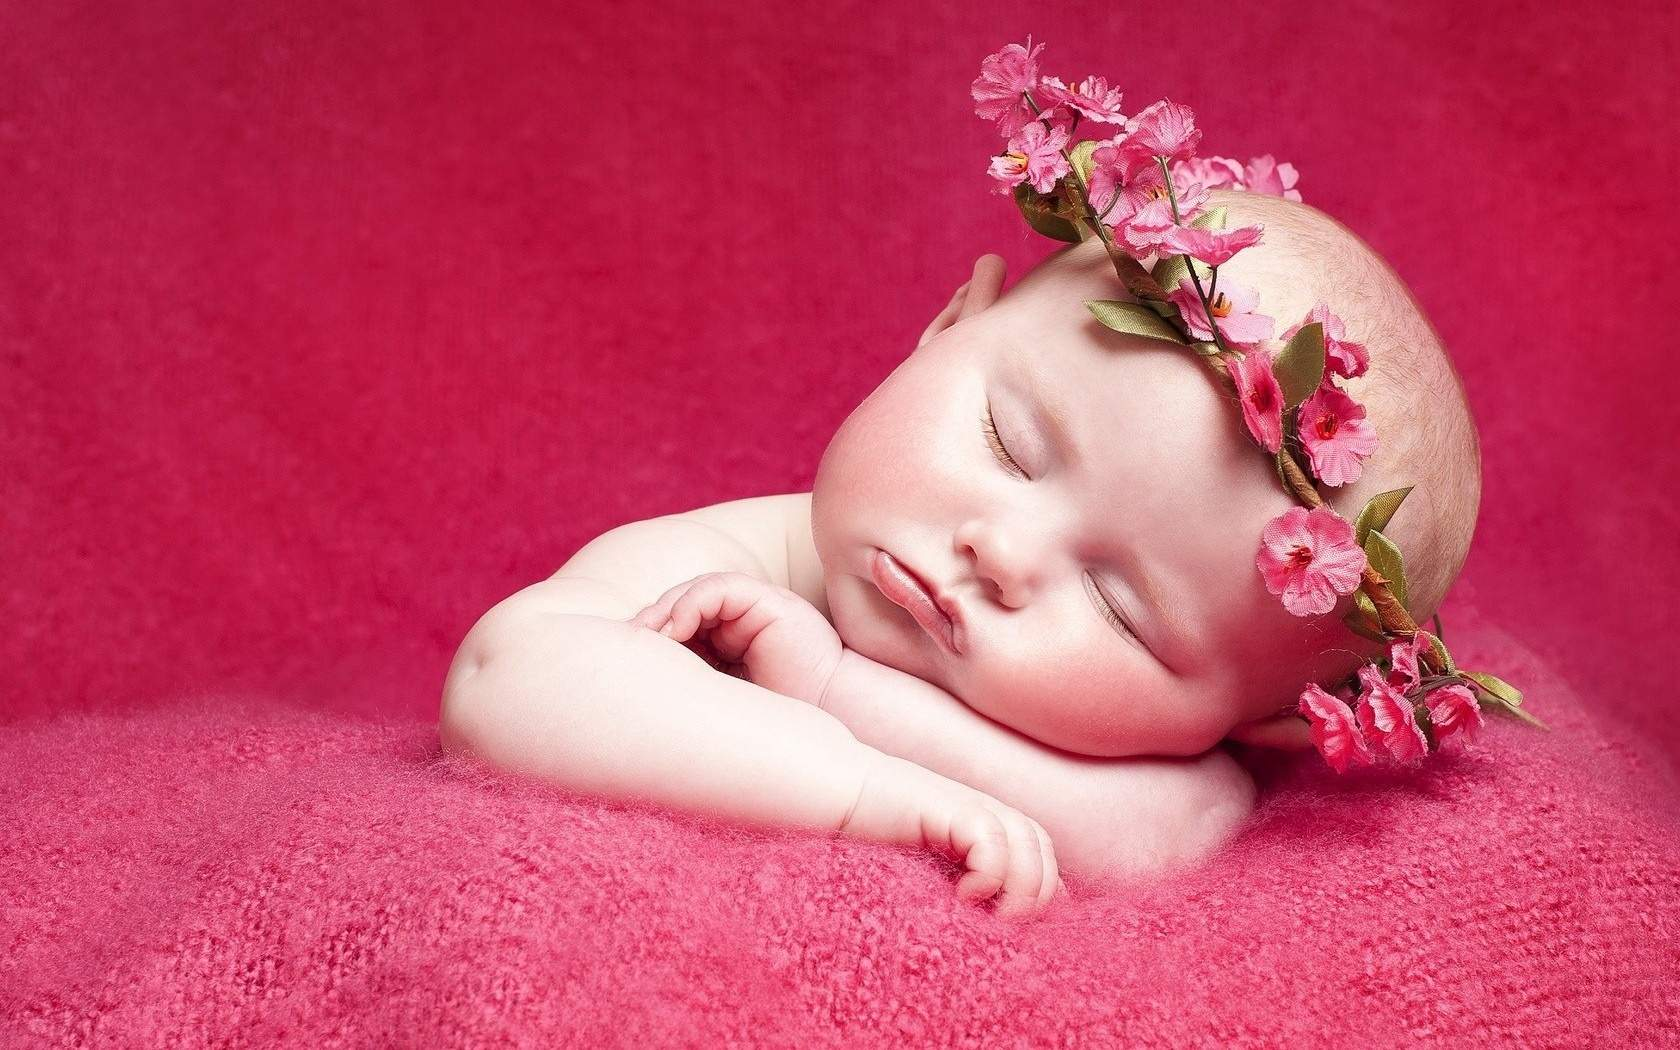 Hình ảnh em bé sơ sinh đáng yêu